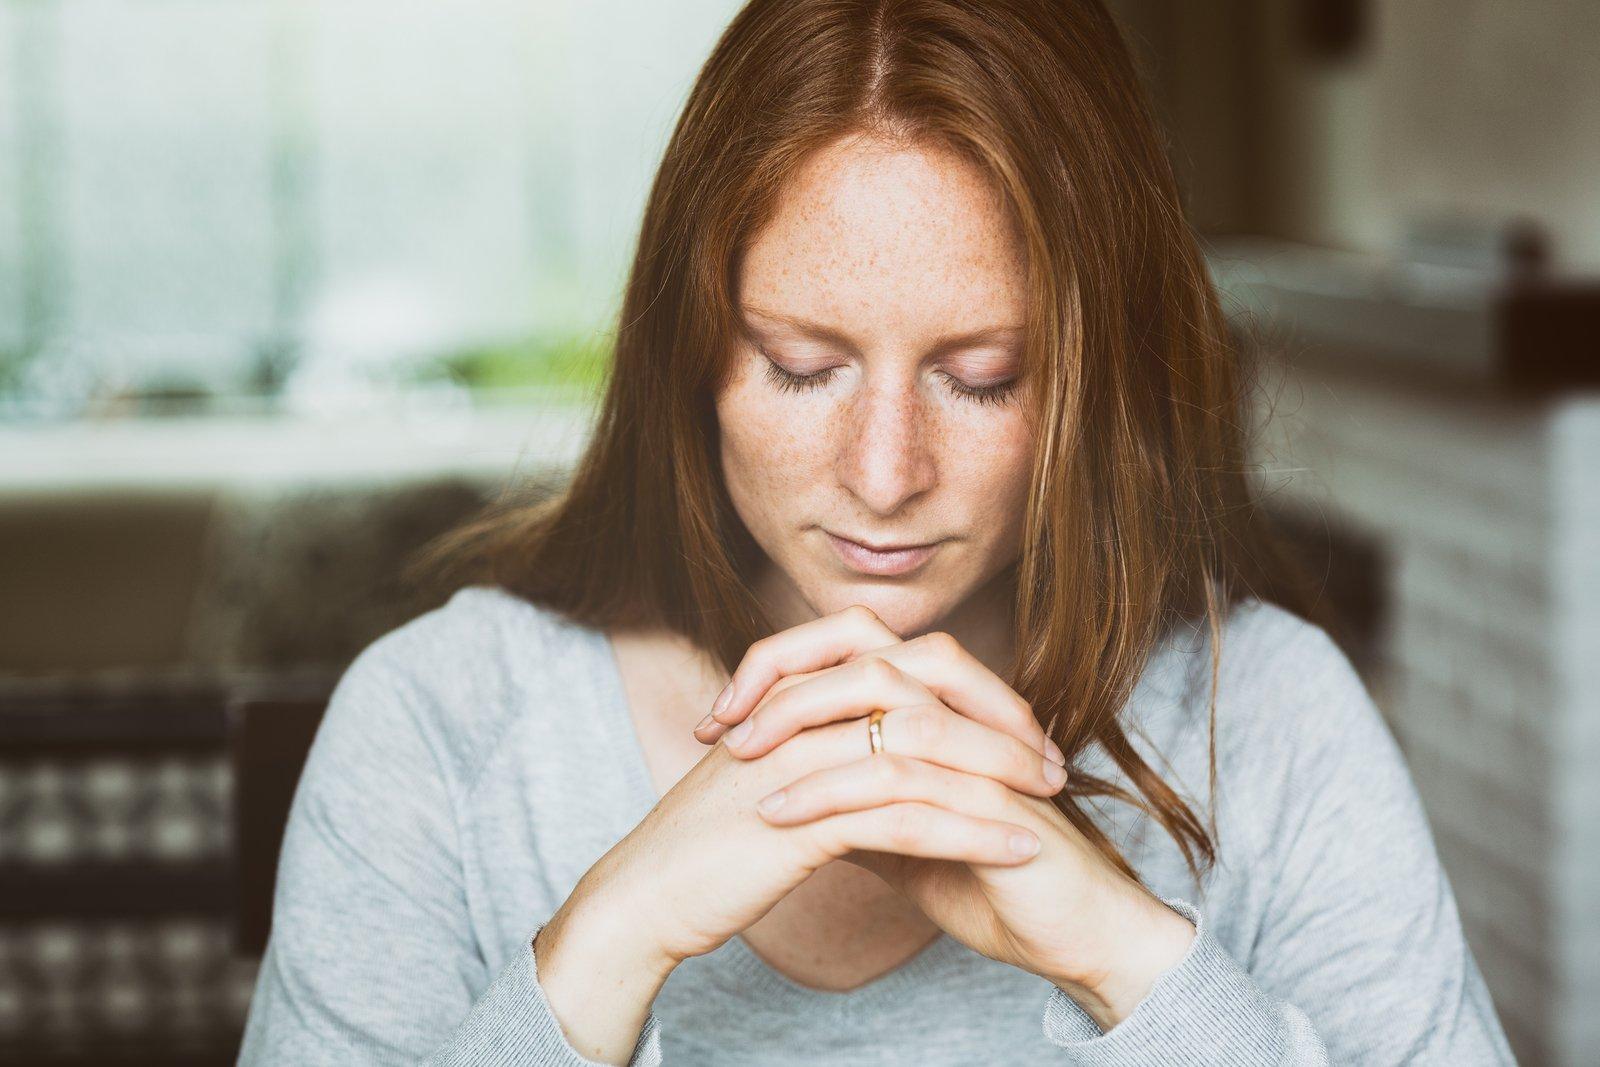 Especialistas estudam os efeitos da fé sobre o cérebro humano